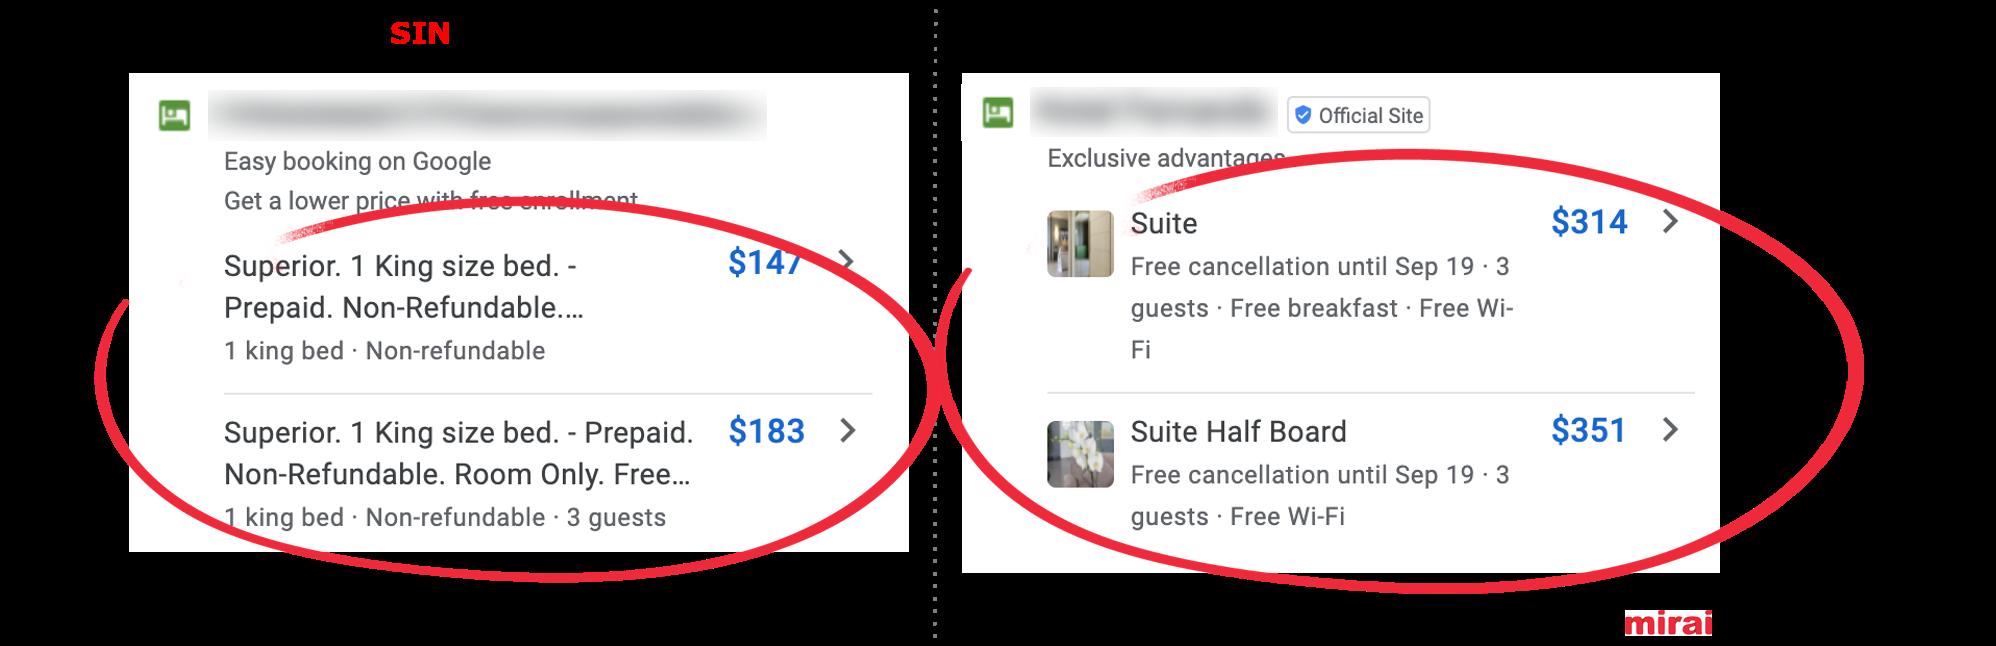 4. Imágenes en todos los tipos de habitación en Google Hotel Ads - Mirai